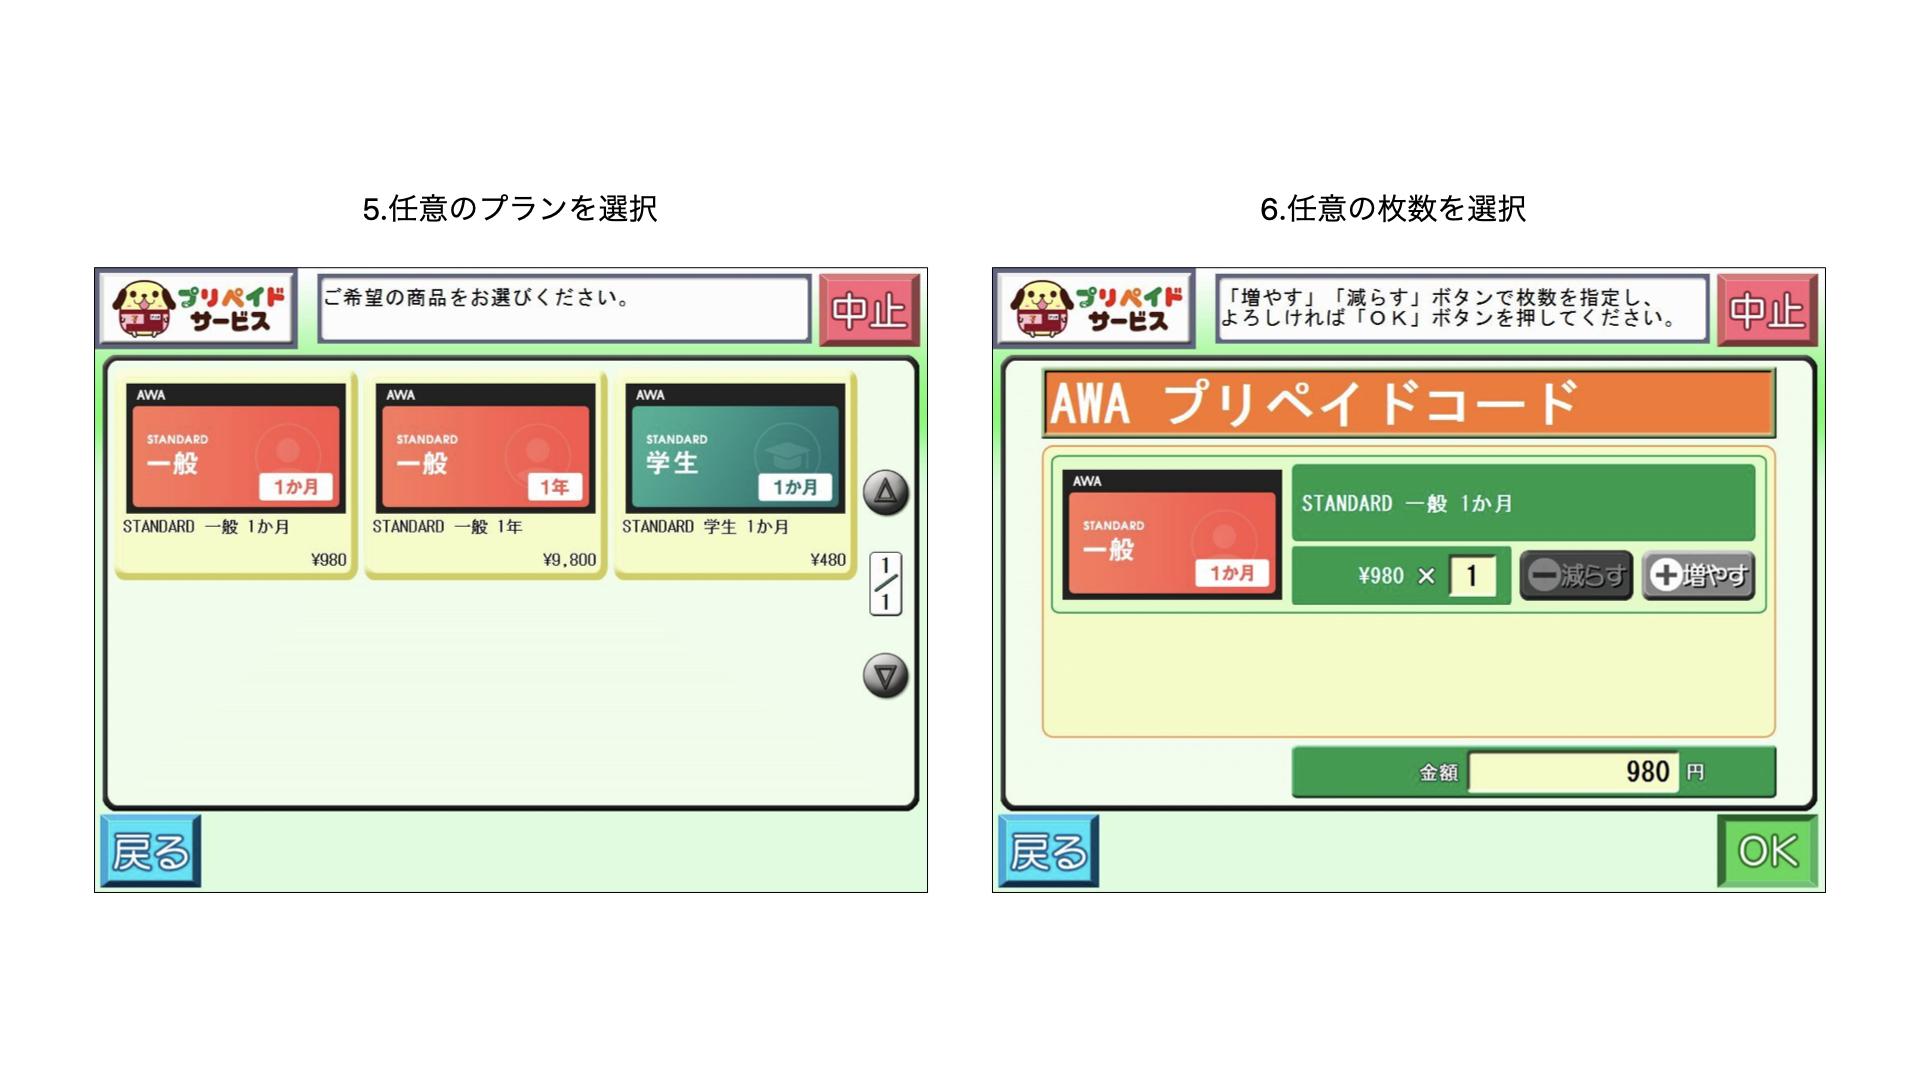 【コンビニ編】ビットコインの購入方法!手数料や入金の流れを解説 | MAStand